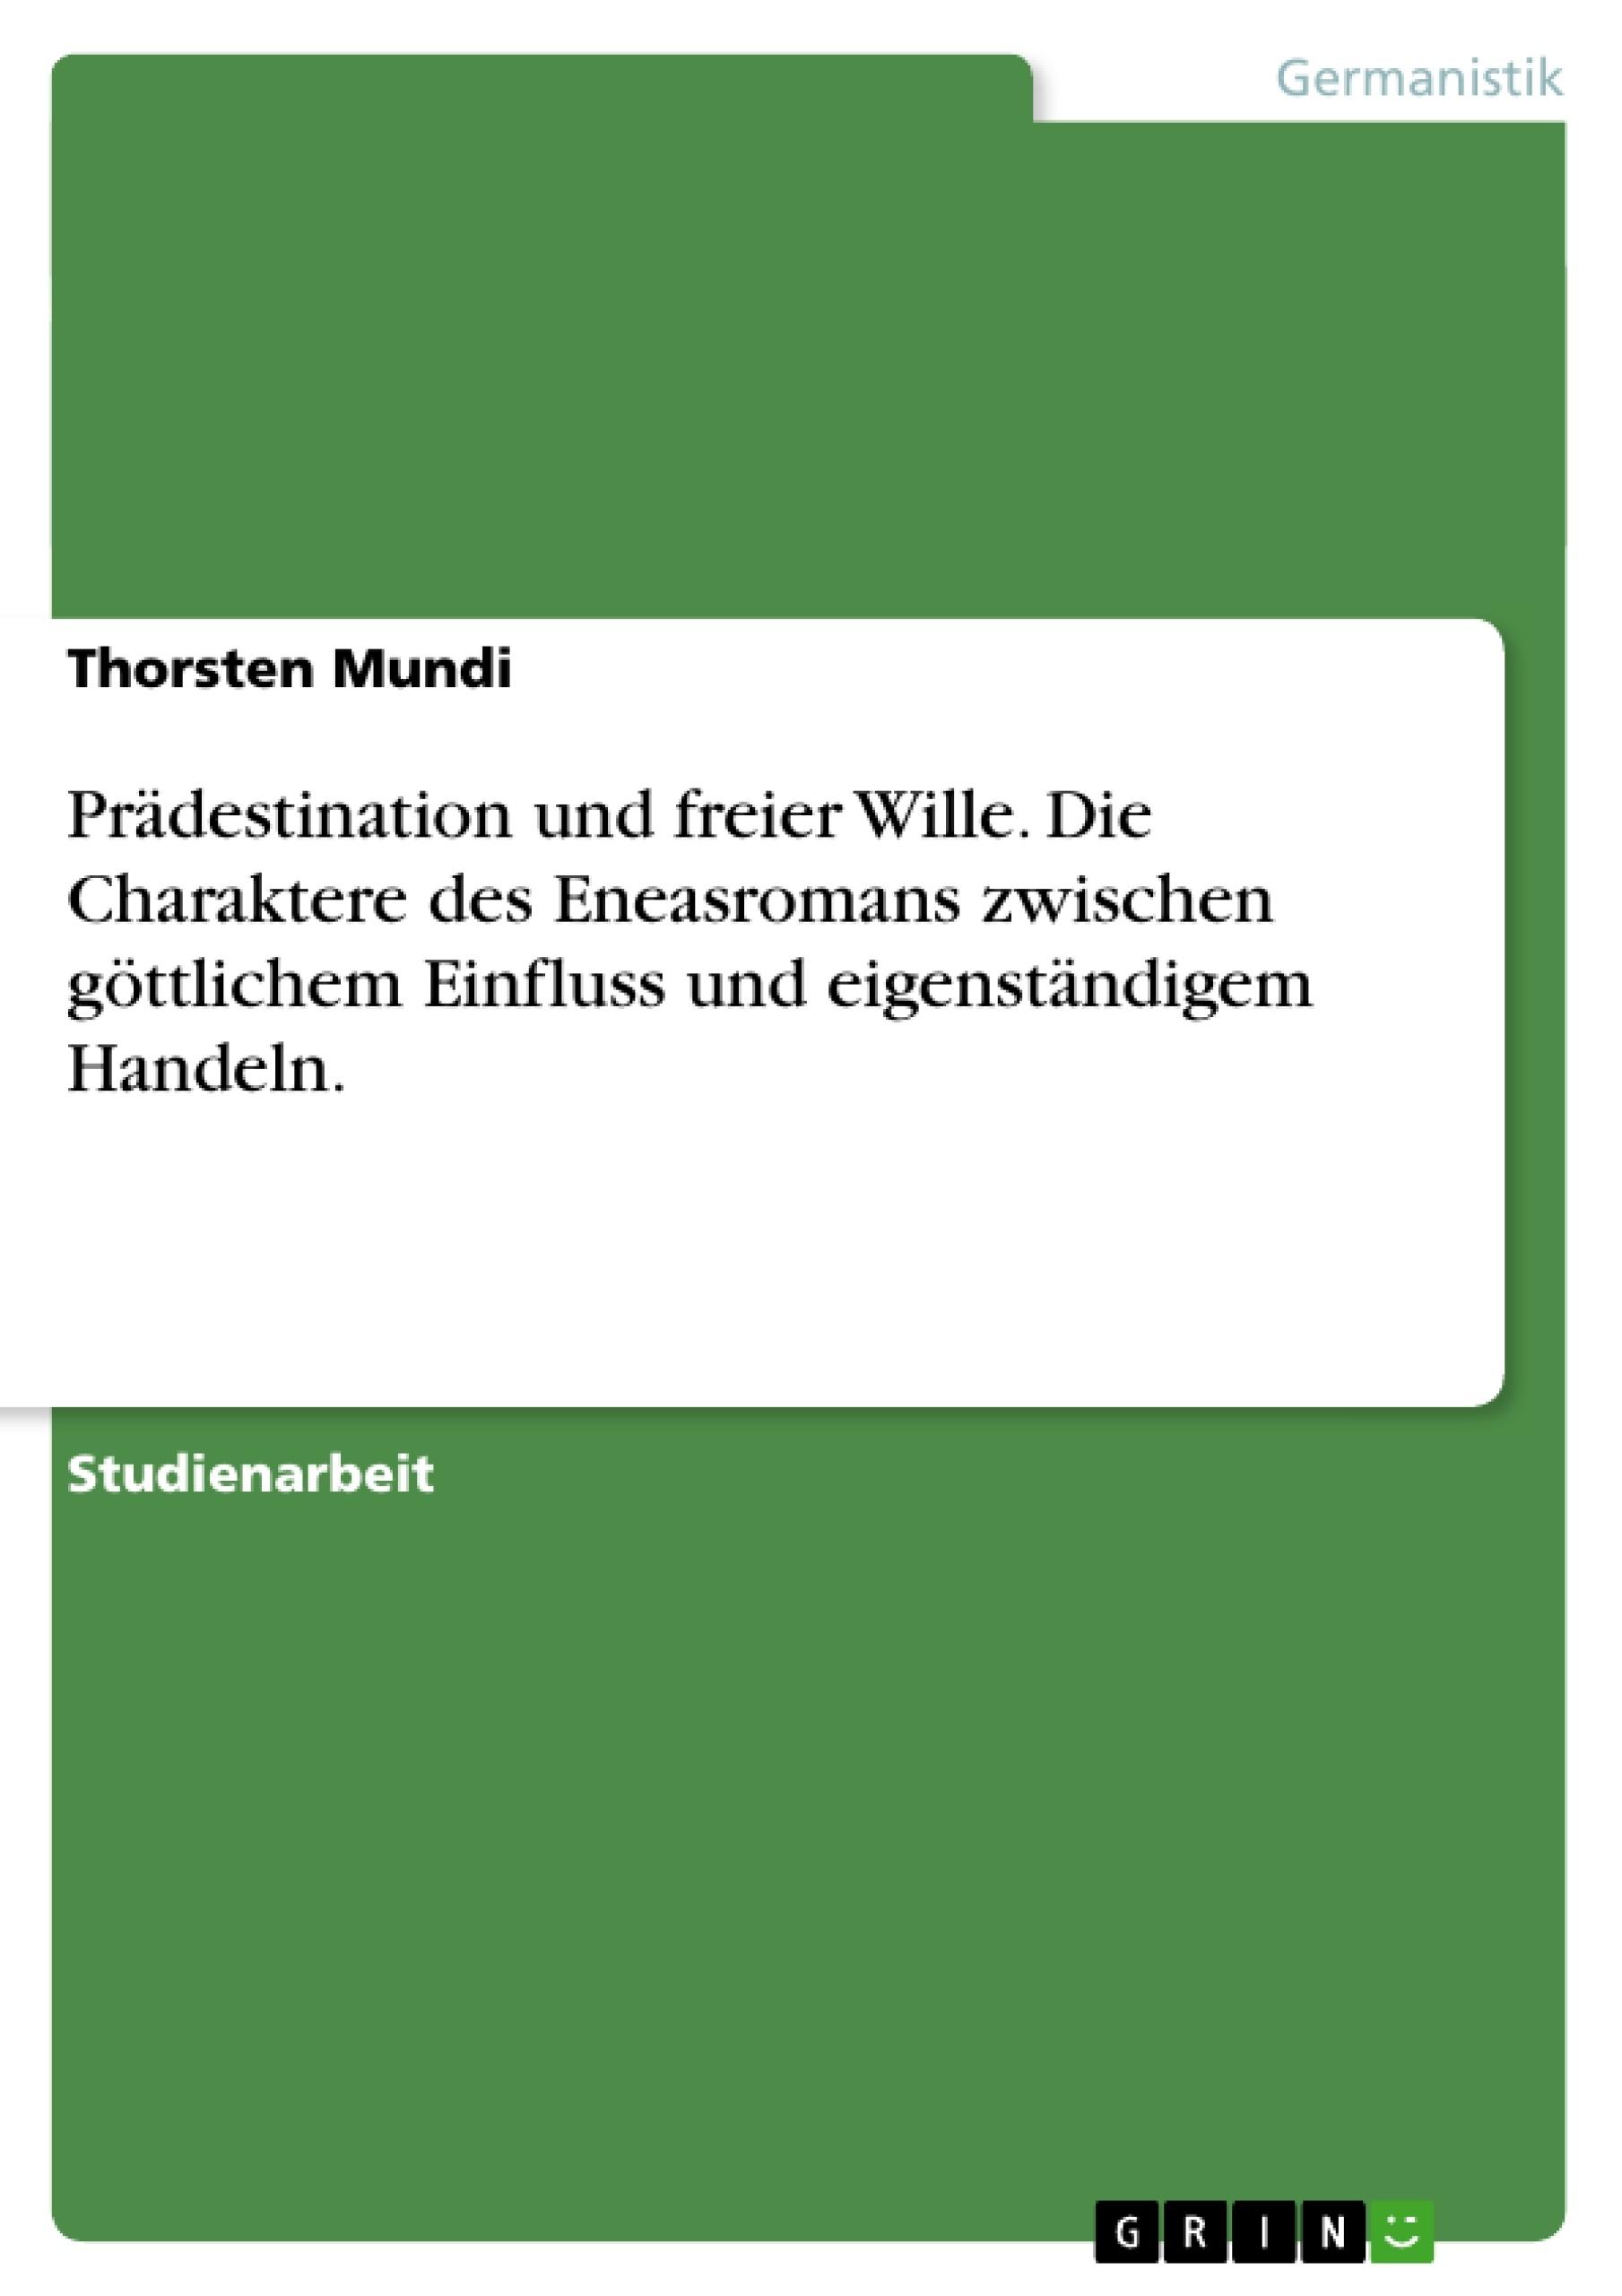 Titel: Prädestination und freier Wille. Die Charaktere des Eneasromans zwischen göttlichem Einfluss und eigenständigem Handeln.